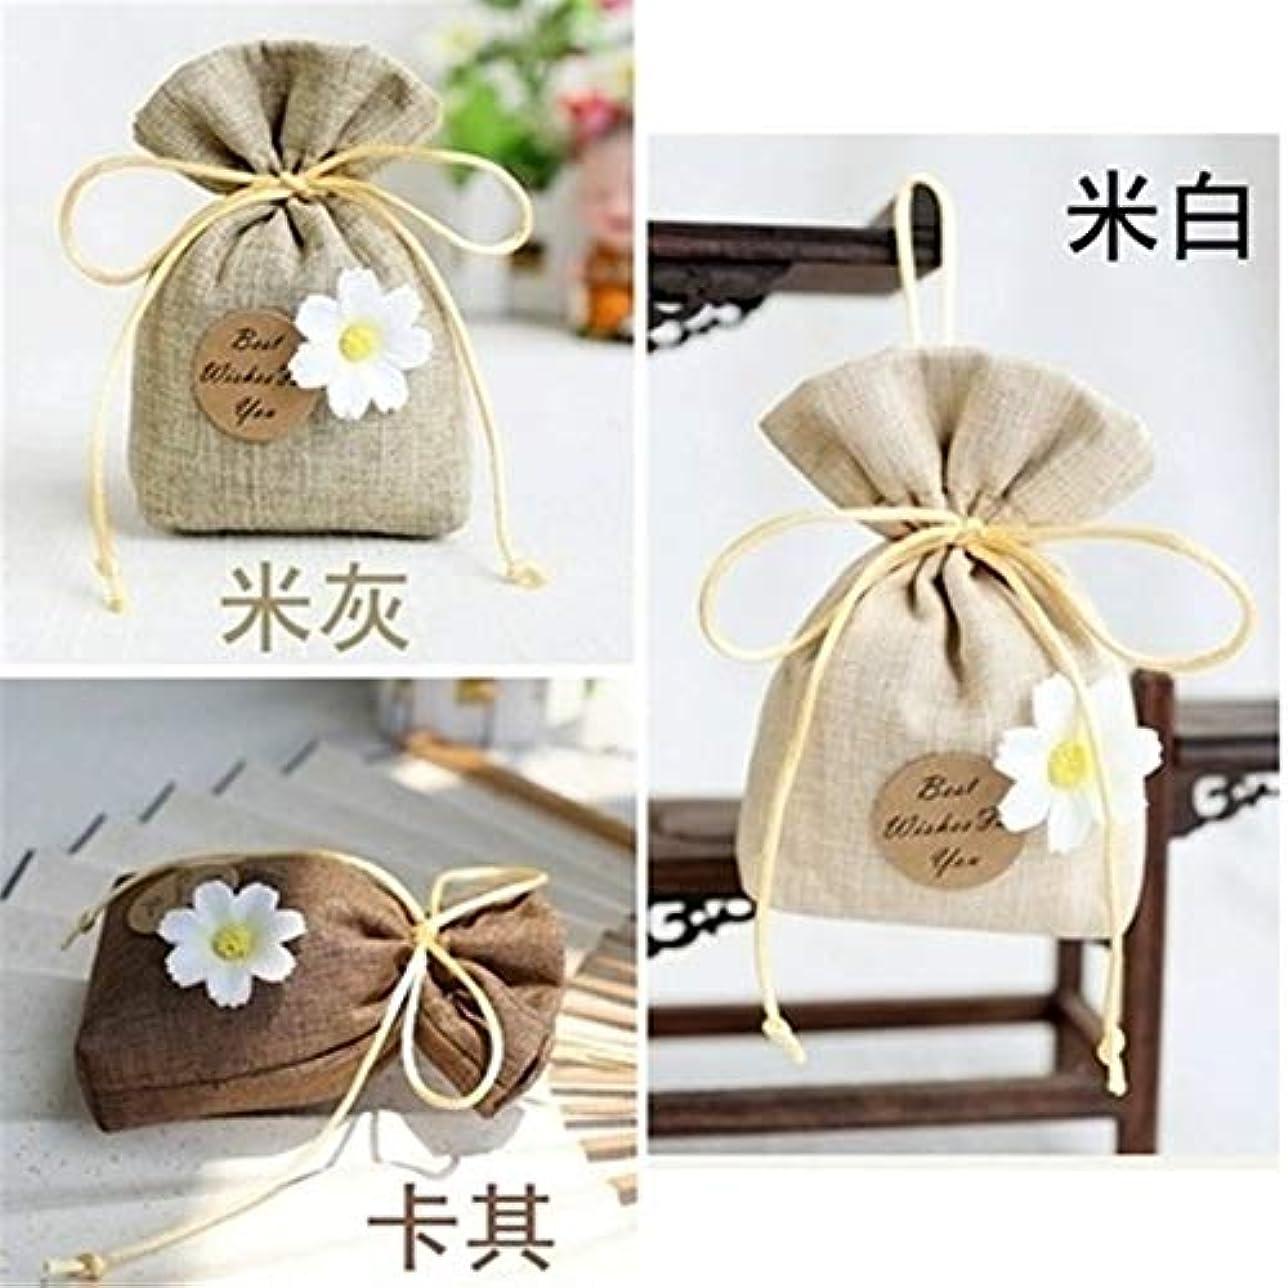 会話ピーク舗装するGardenia/Clove/Gulongの芳香の芳香の芳香剤の香料入りの磨き粉、ワードローブのための自然な芳香の芳香の芳香袋、車、 (Color : Khaki, Scent Type : Gardenia)